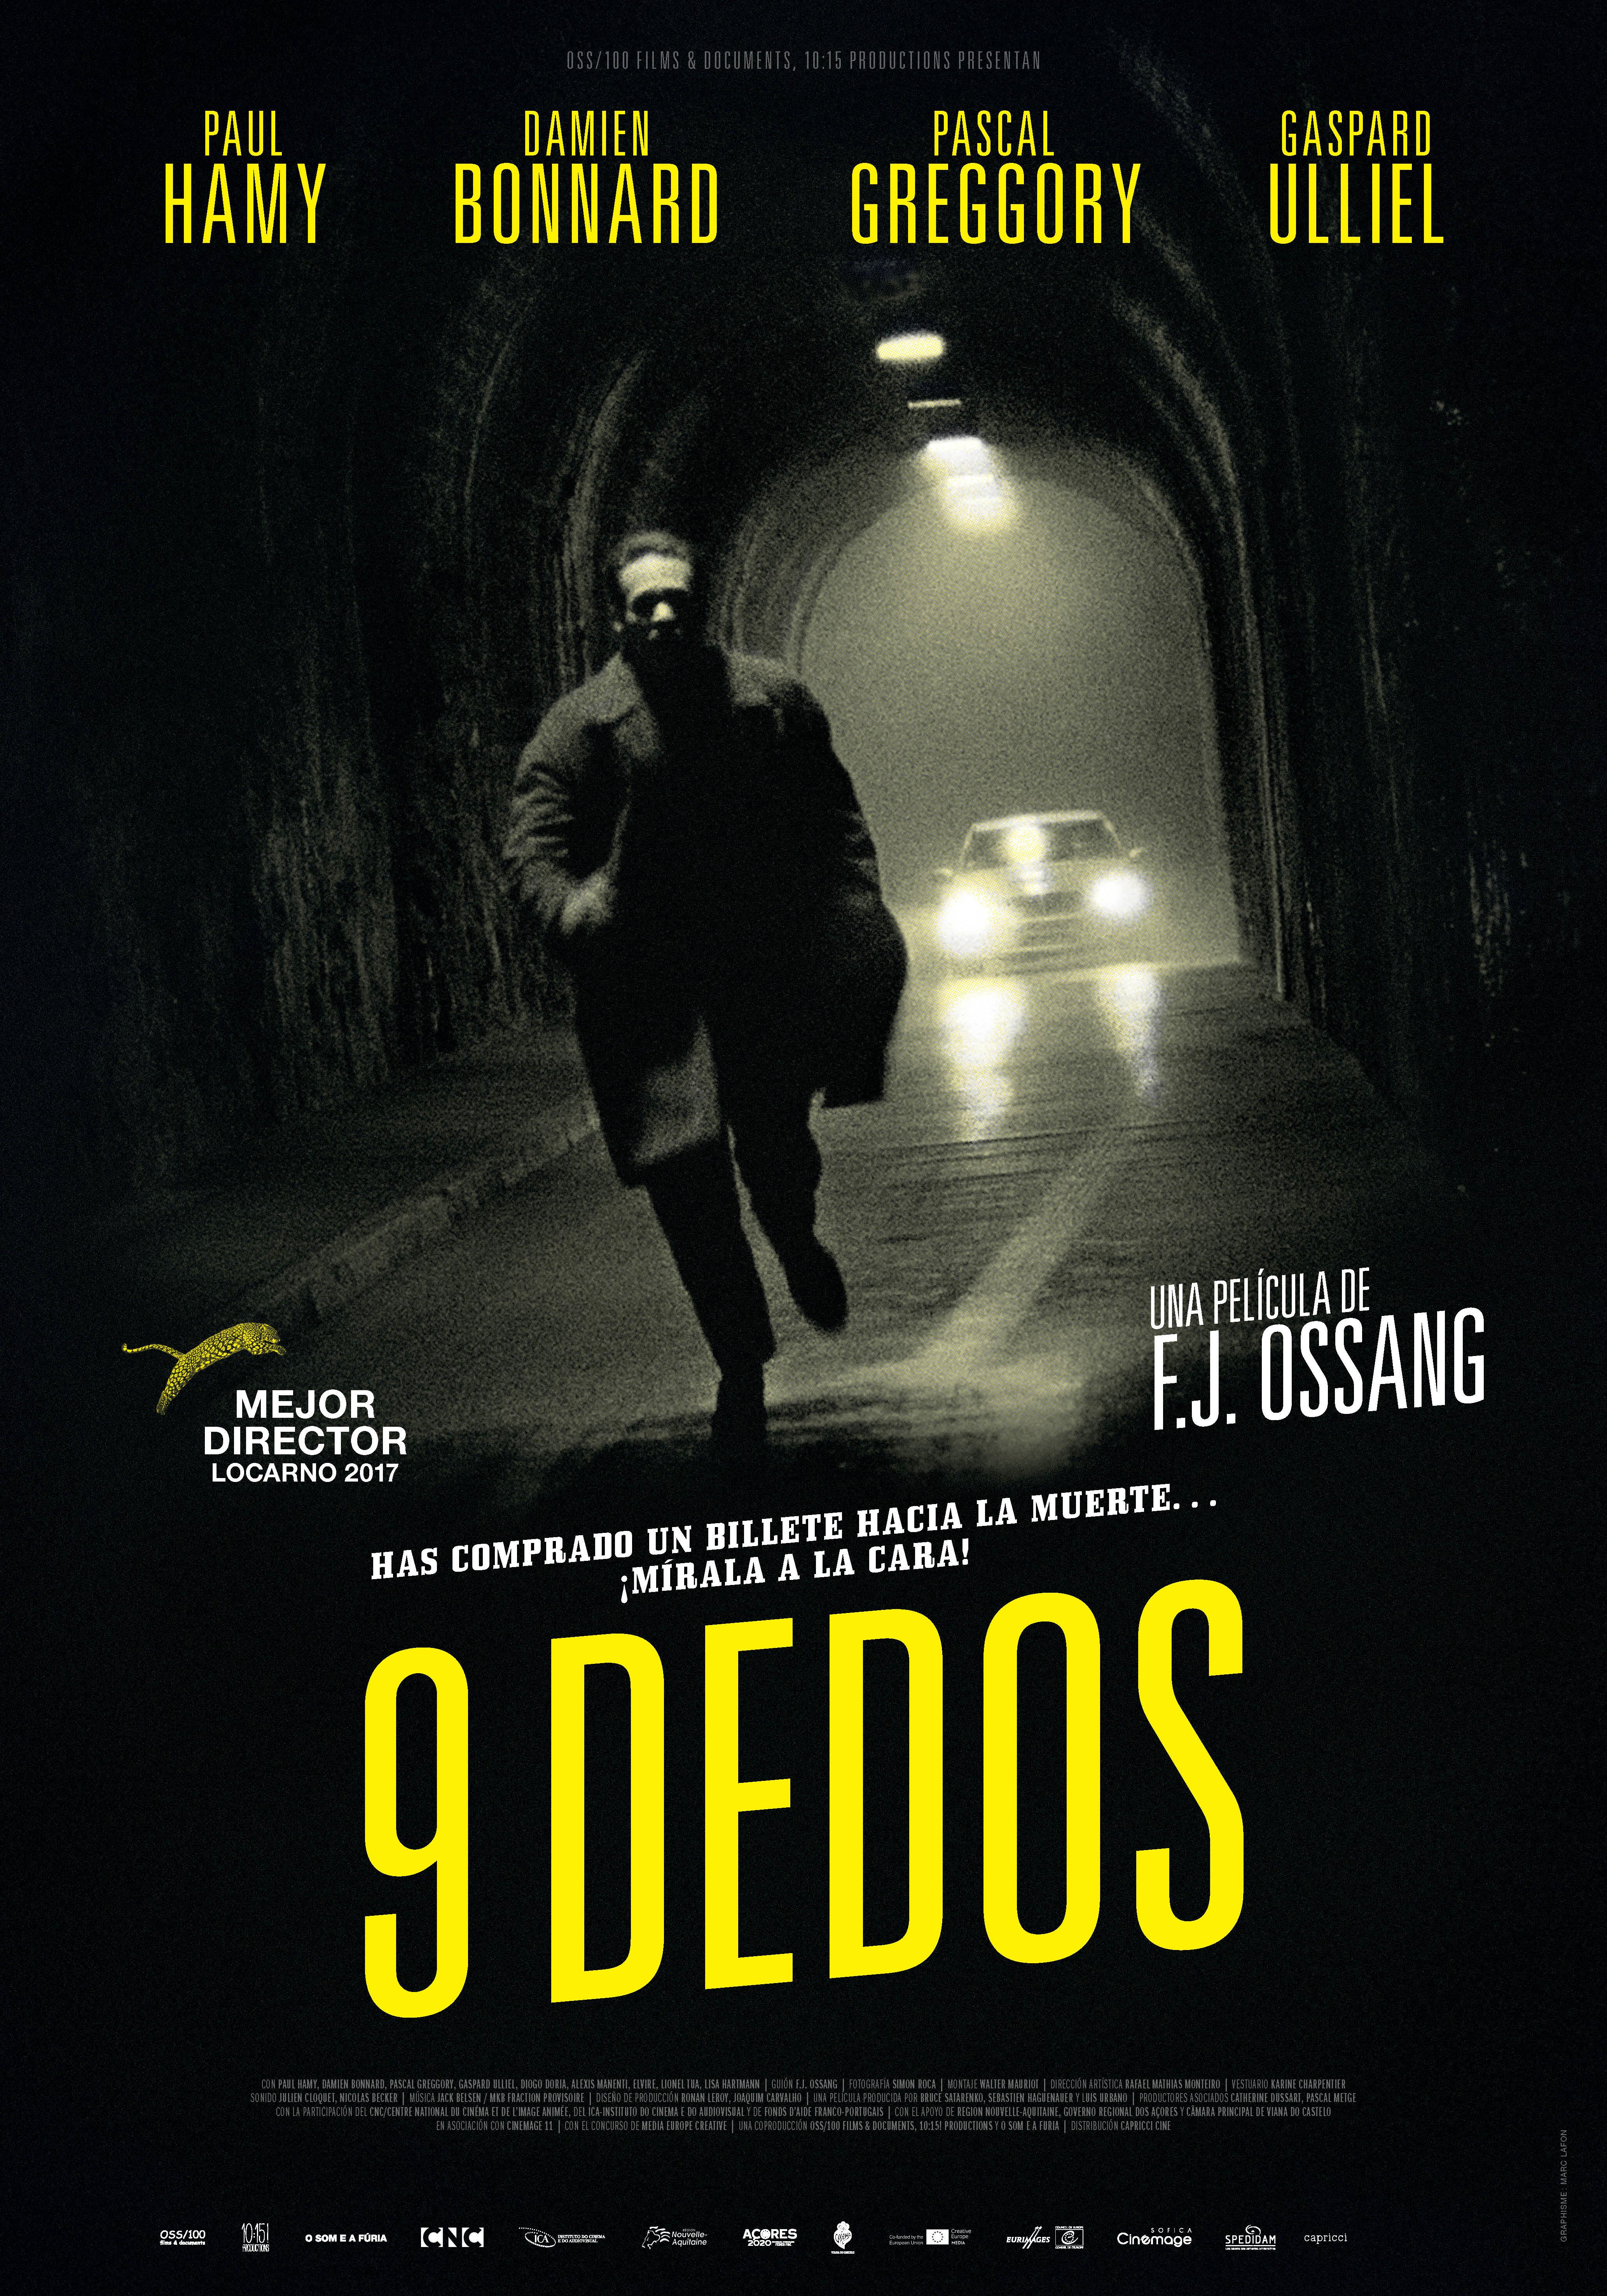 9DEDOS_poster esp